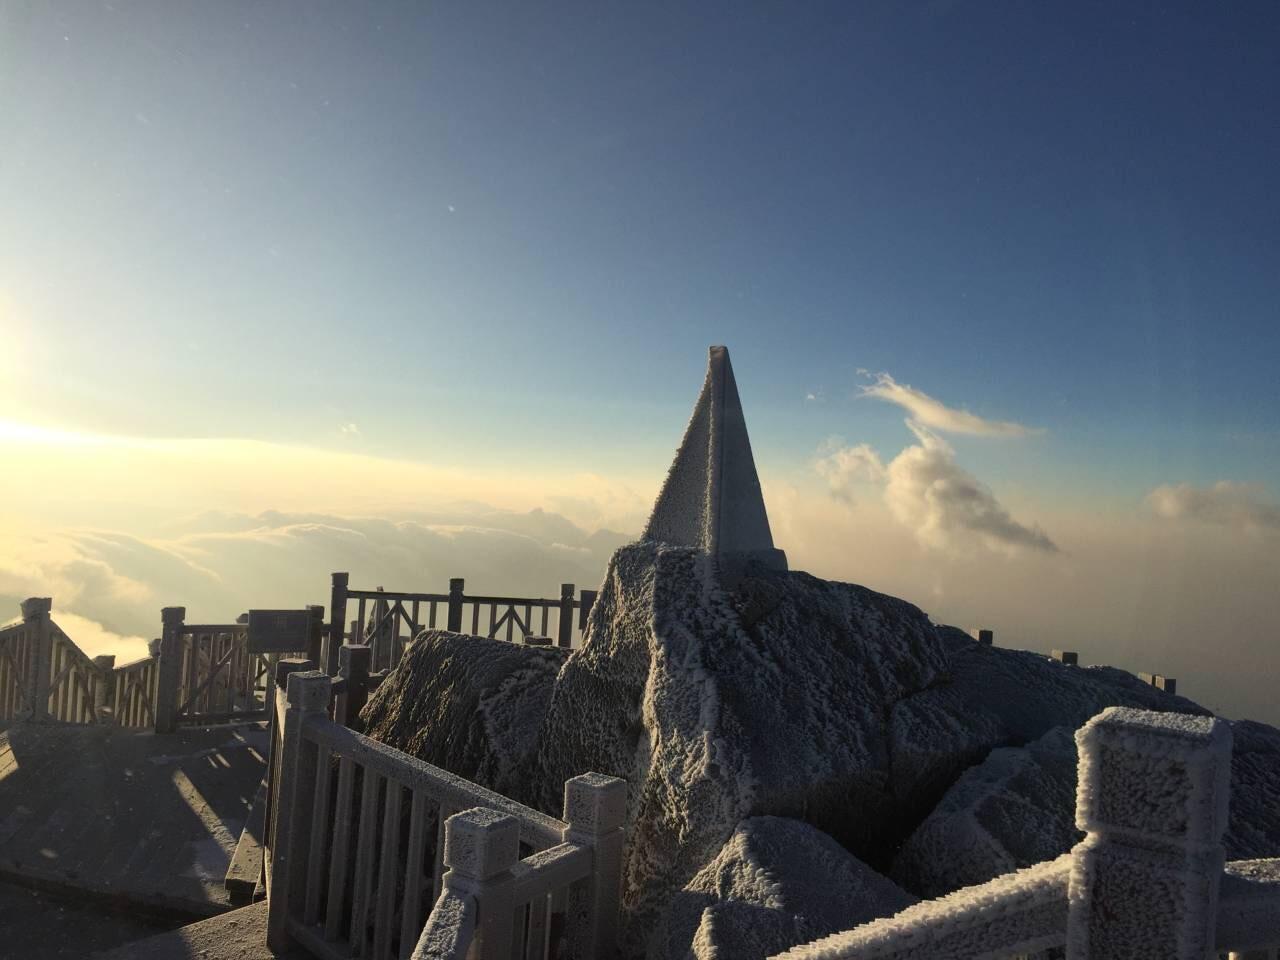 Đỉnh Fansipan trắng xóa băng tuyết khi nhiệt độ trong đêm giảm xuống -7 độ C - Ảnh 8.